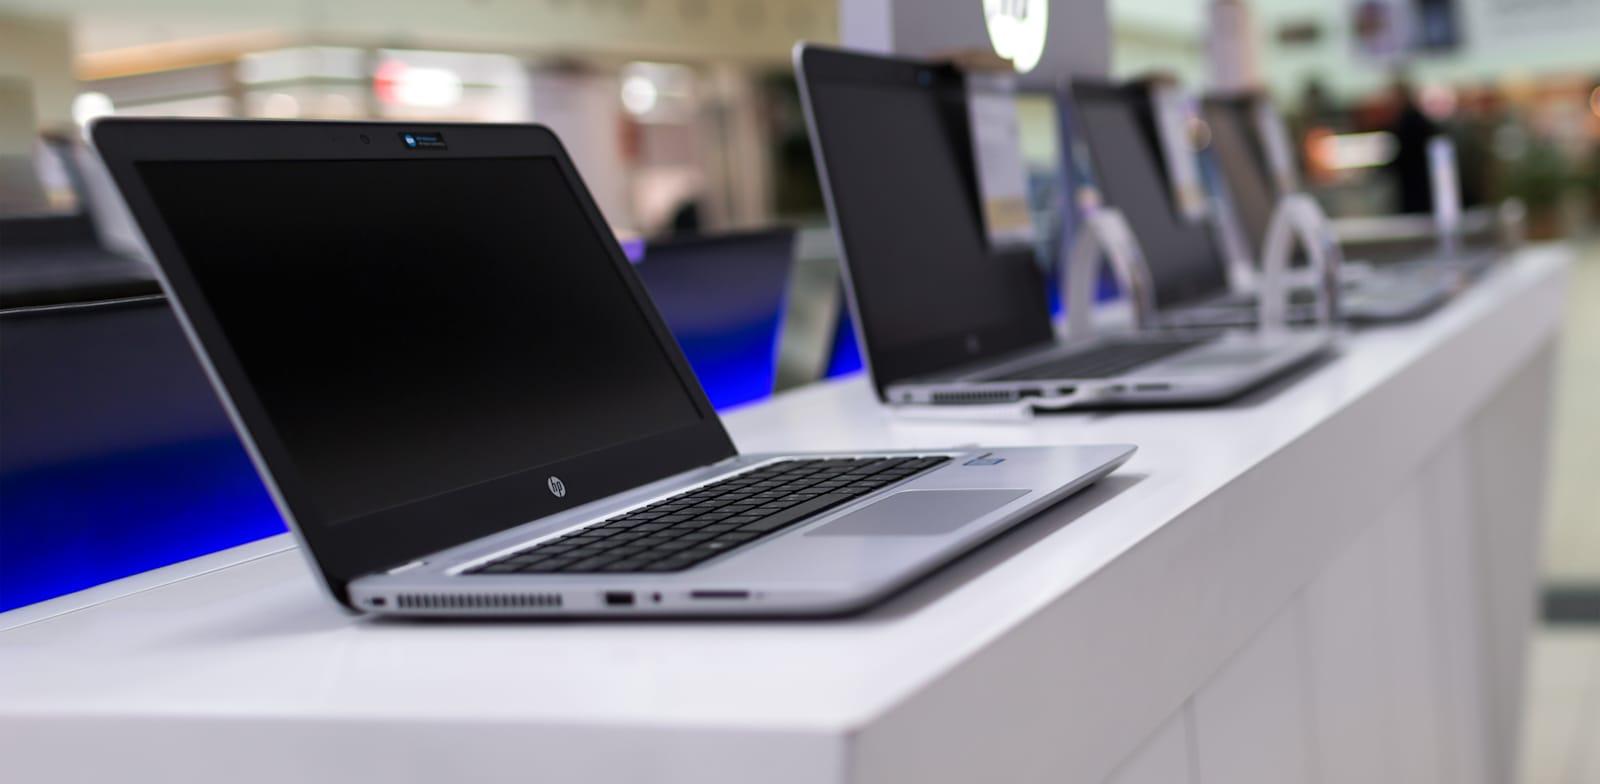 מחשבים ניידים / צילום: Shutterstock